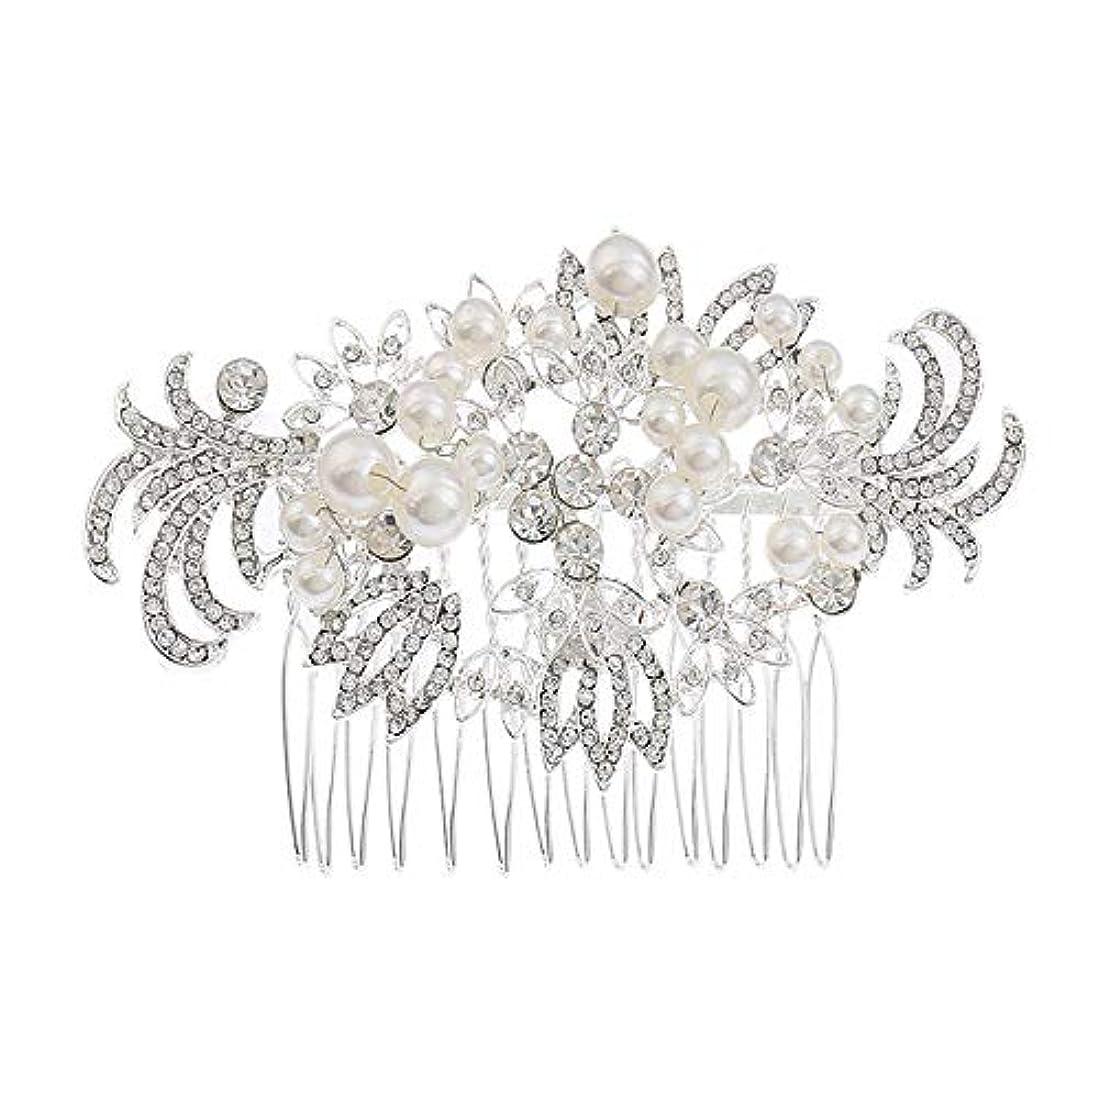 正確さ豊富にビリーヤギ髪の櫛挿入櫛花嫁の髪櫛真珠の髪の櫛ラインストーンの髪の櫛結婚式のヘアアクセサリー合金の帽子ブライダルヘッドドレス